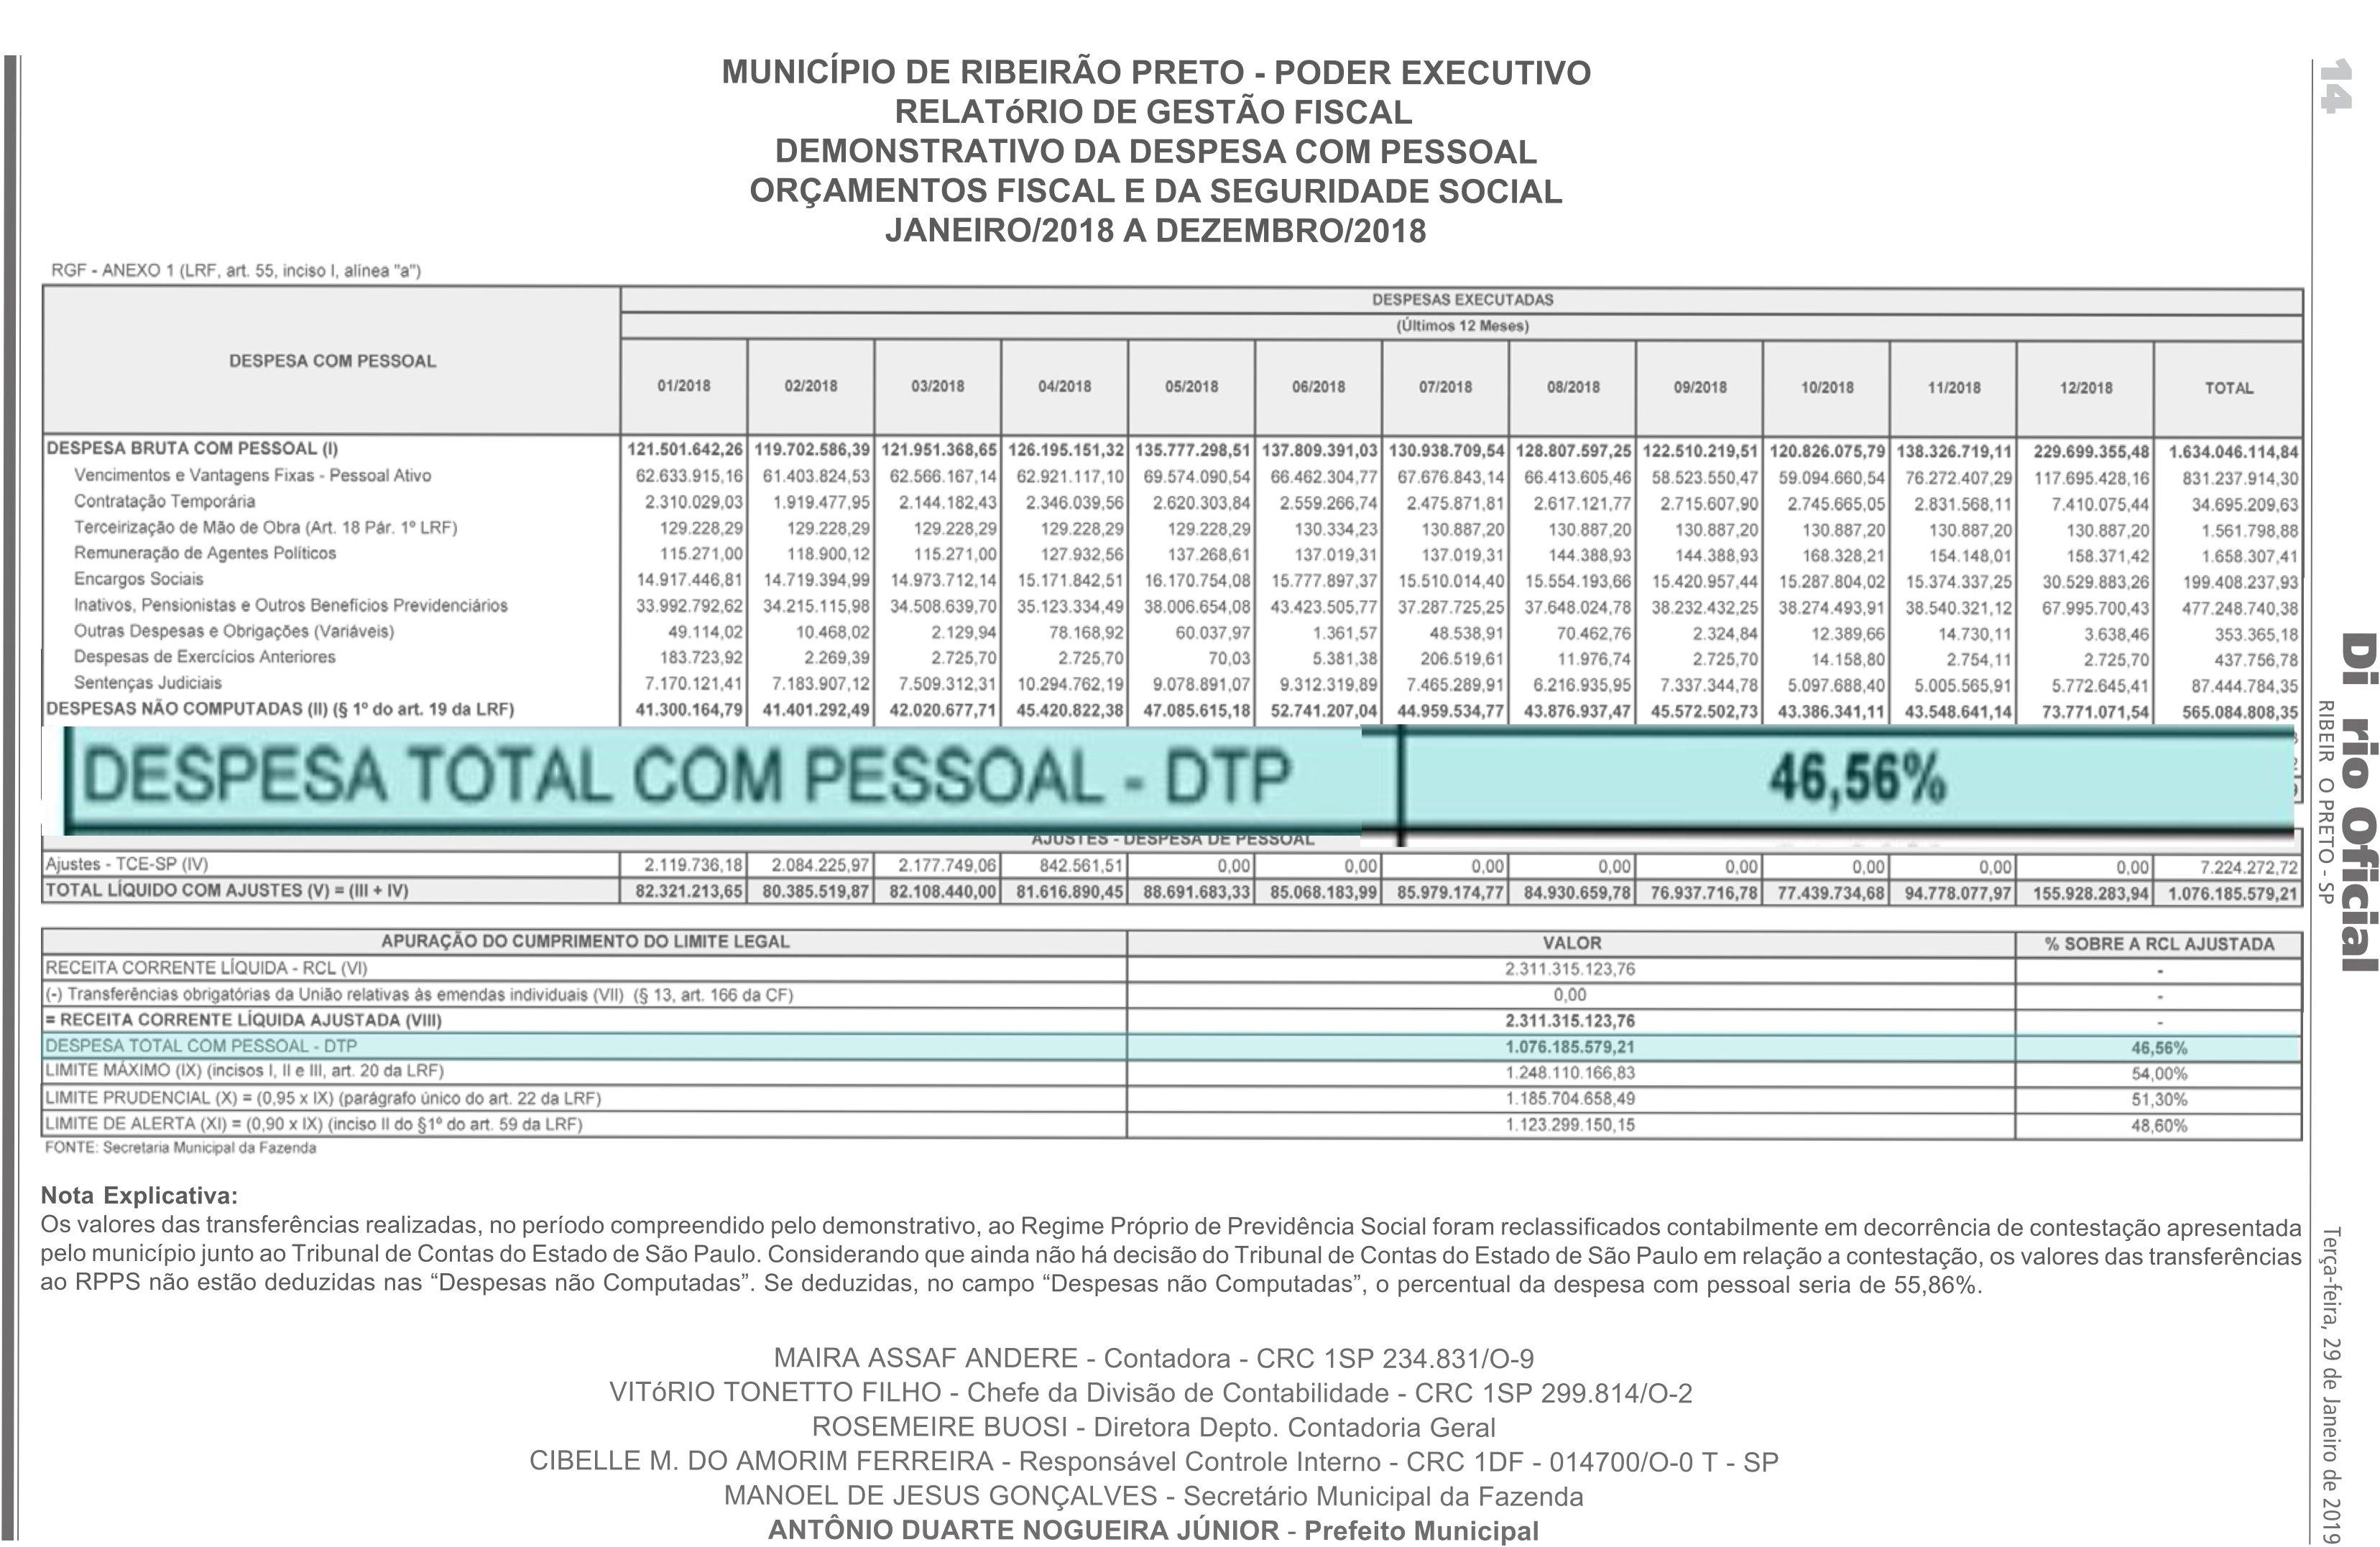 despesa total